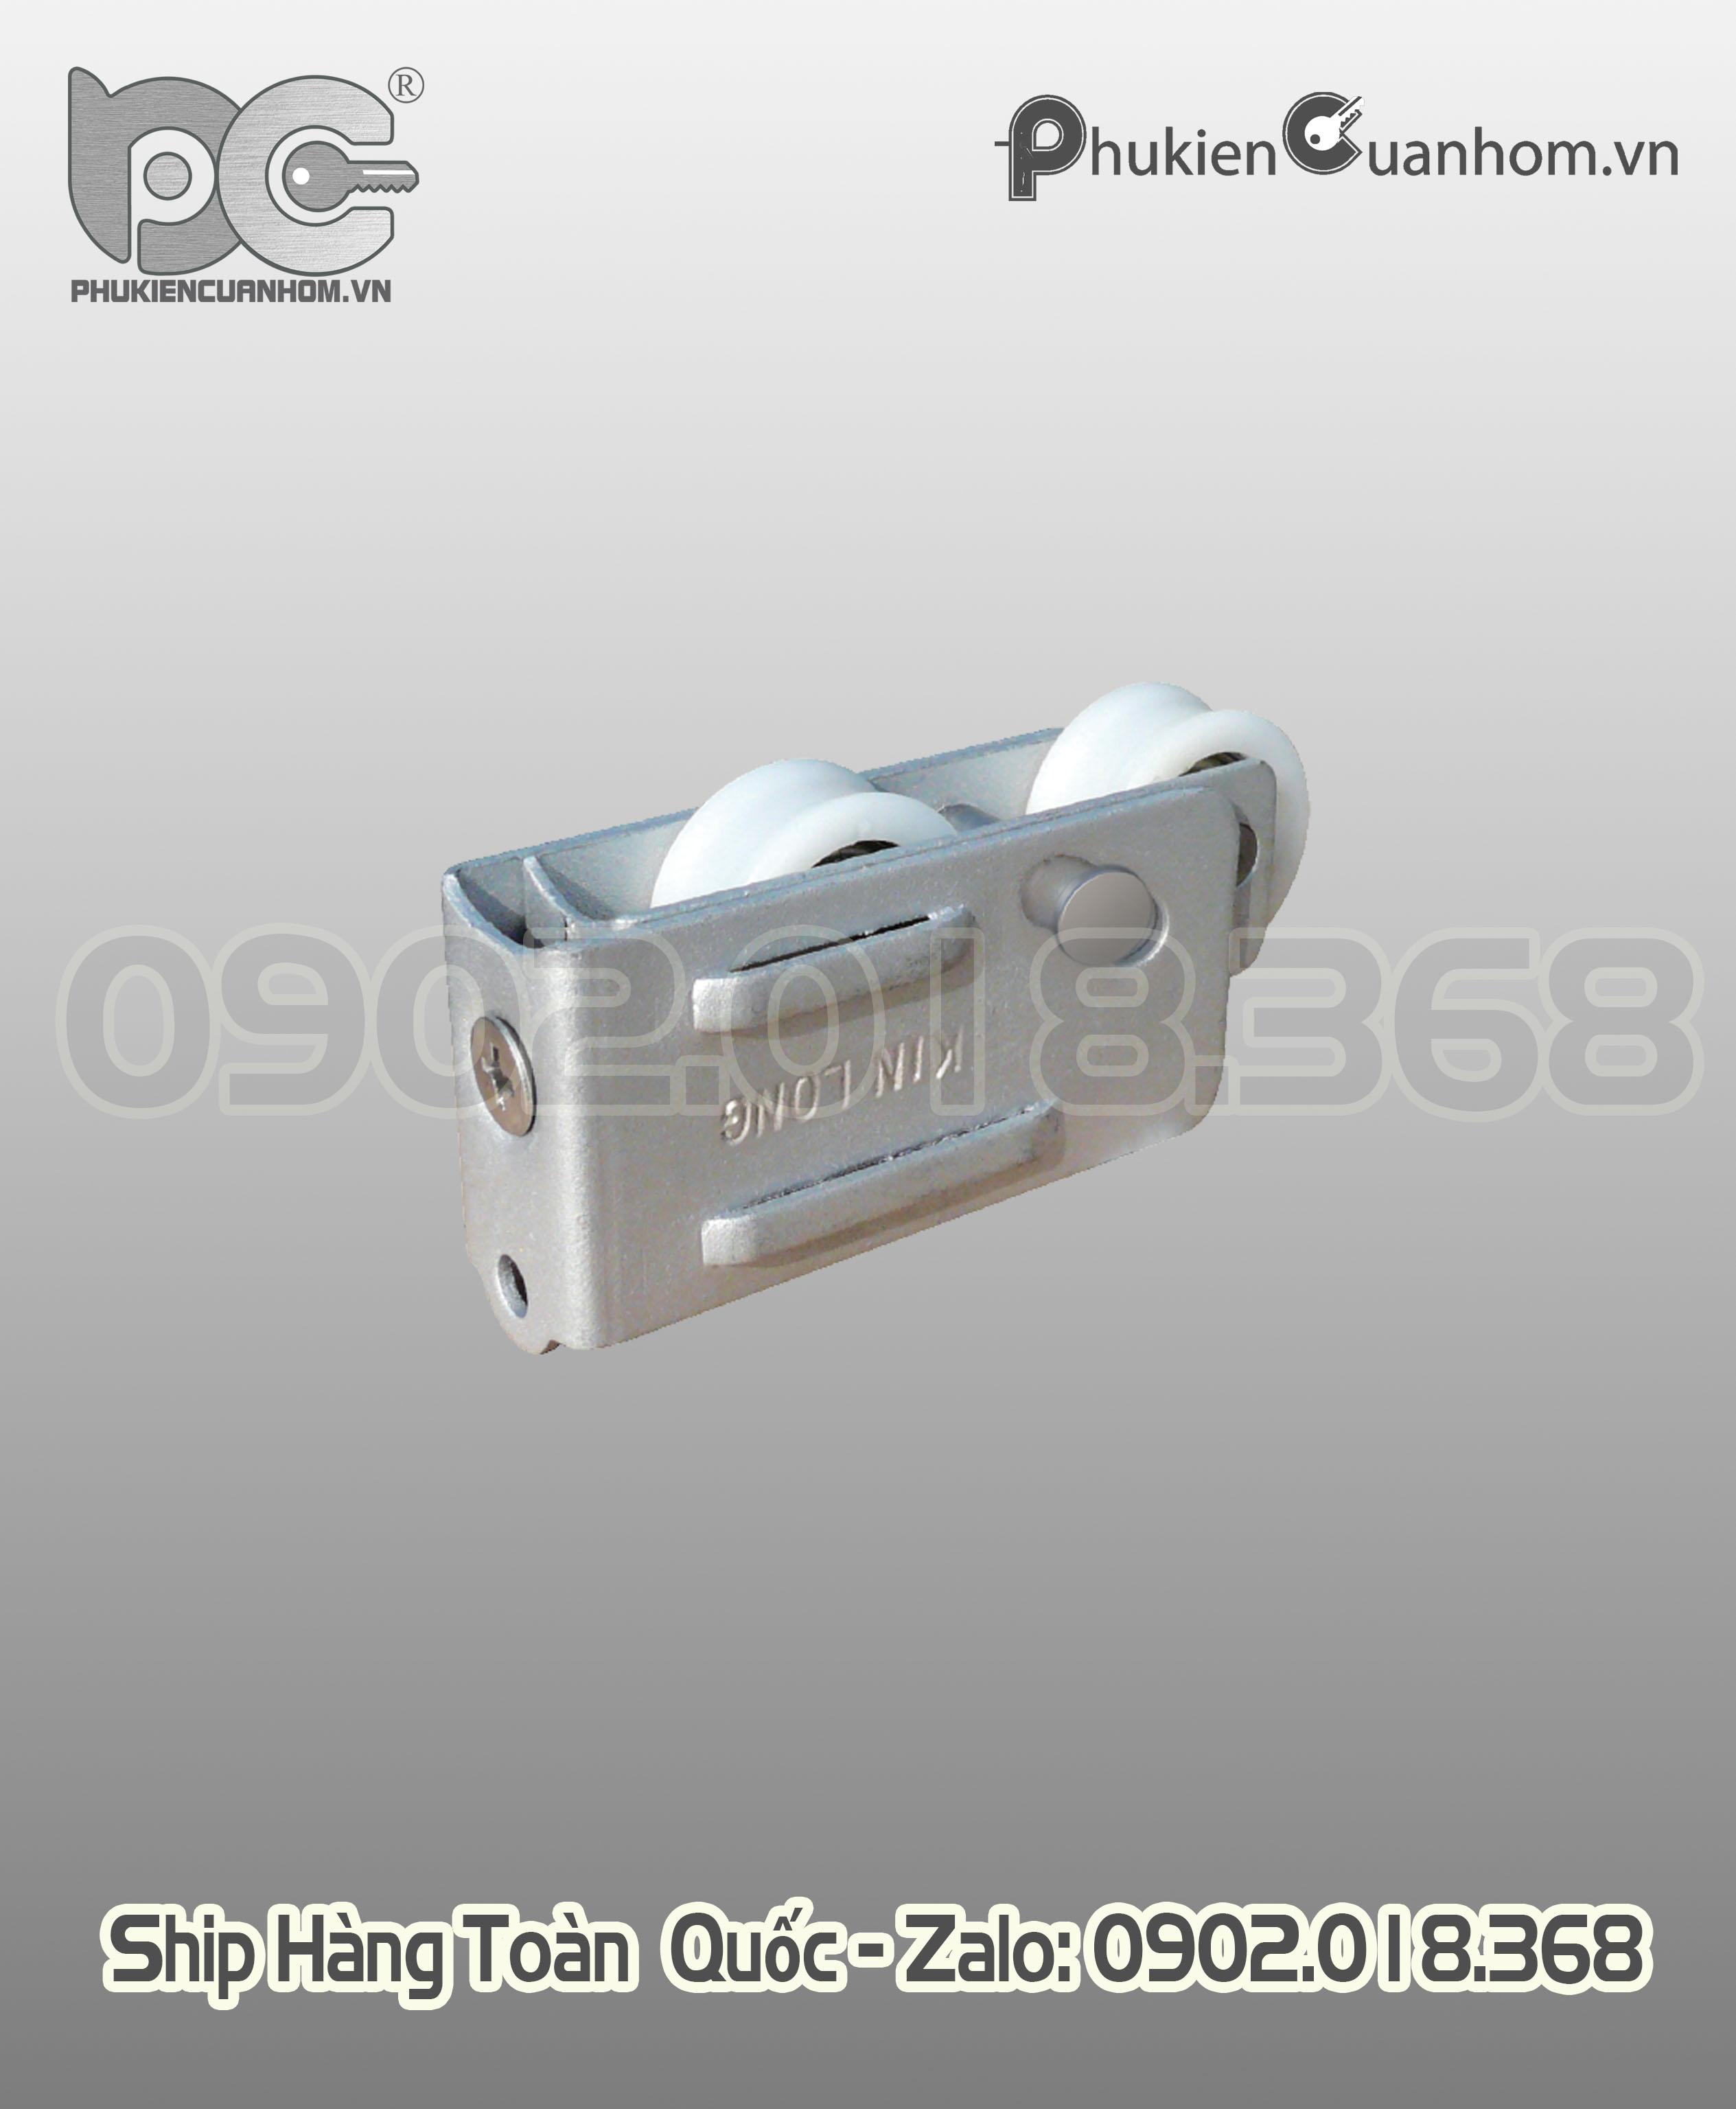 Bánh xe đôi cửa lùa hệ 2001 (93) hiệu KinLong chính hãng - ML55G31K24.5-L4J140K4